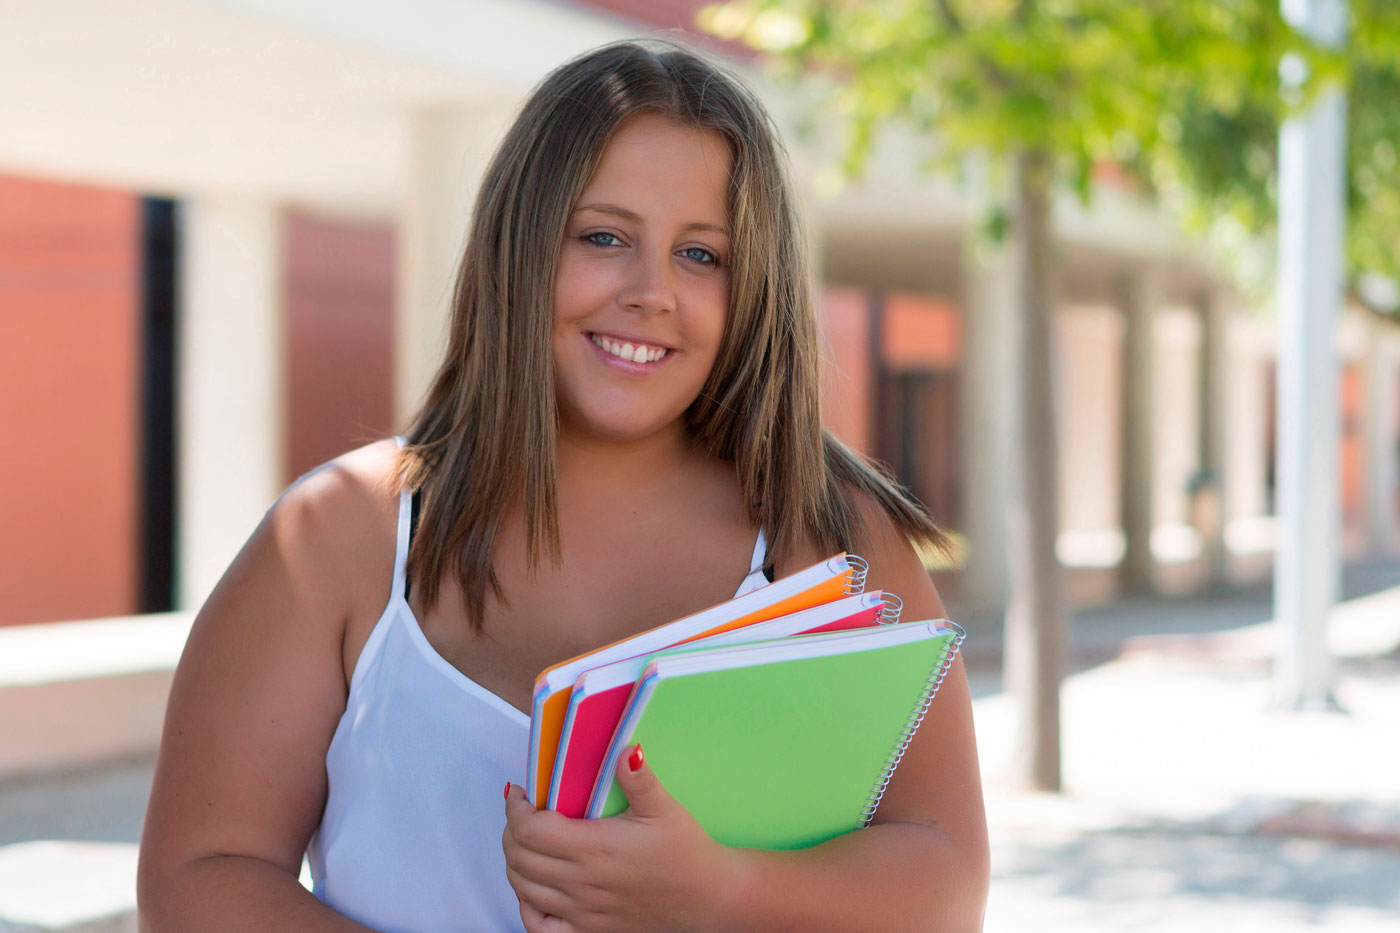 Obesidade na adolescência cresceu 110% nos últimos dez anos